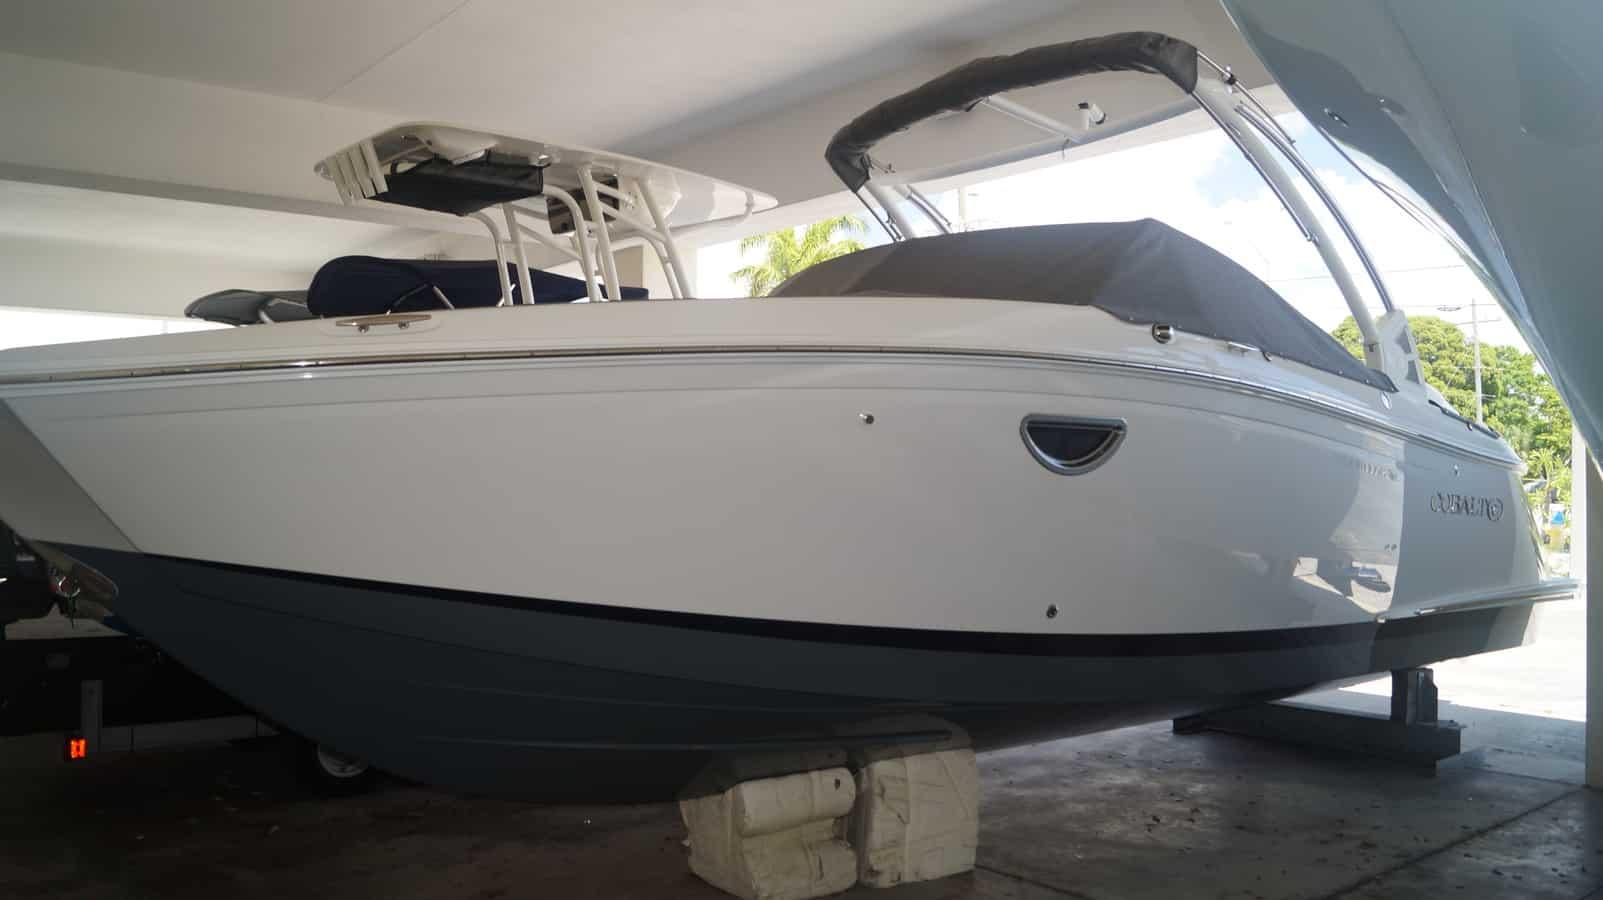 NEW 2019 Cobalt 25 SC - Sara Bay Marina